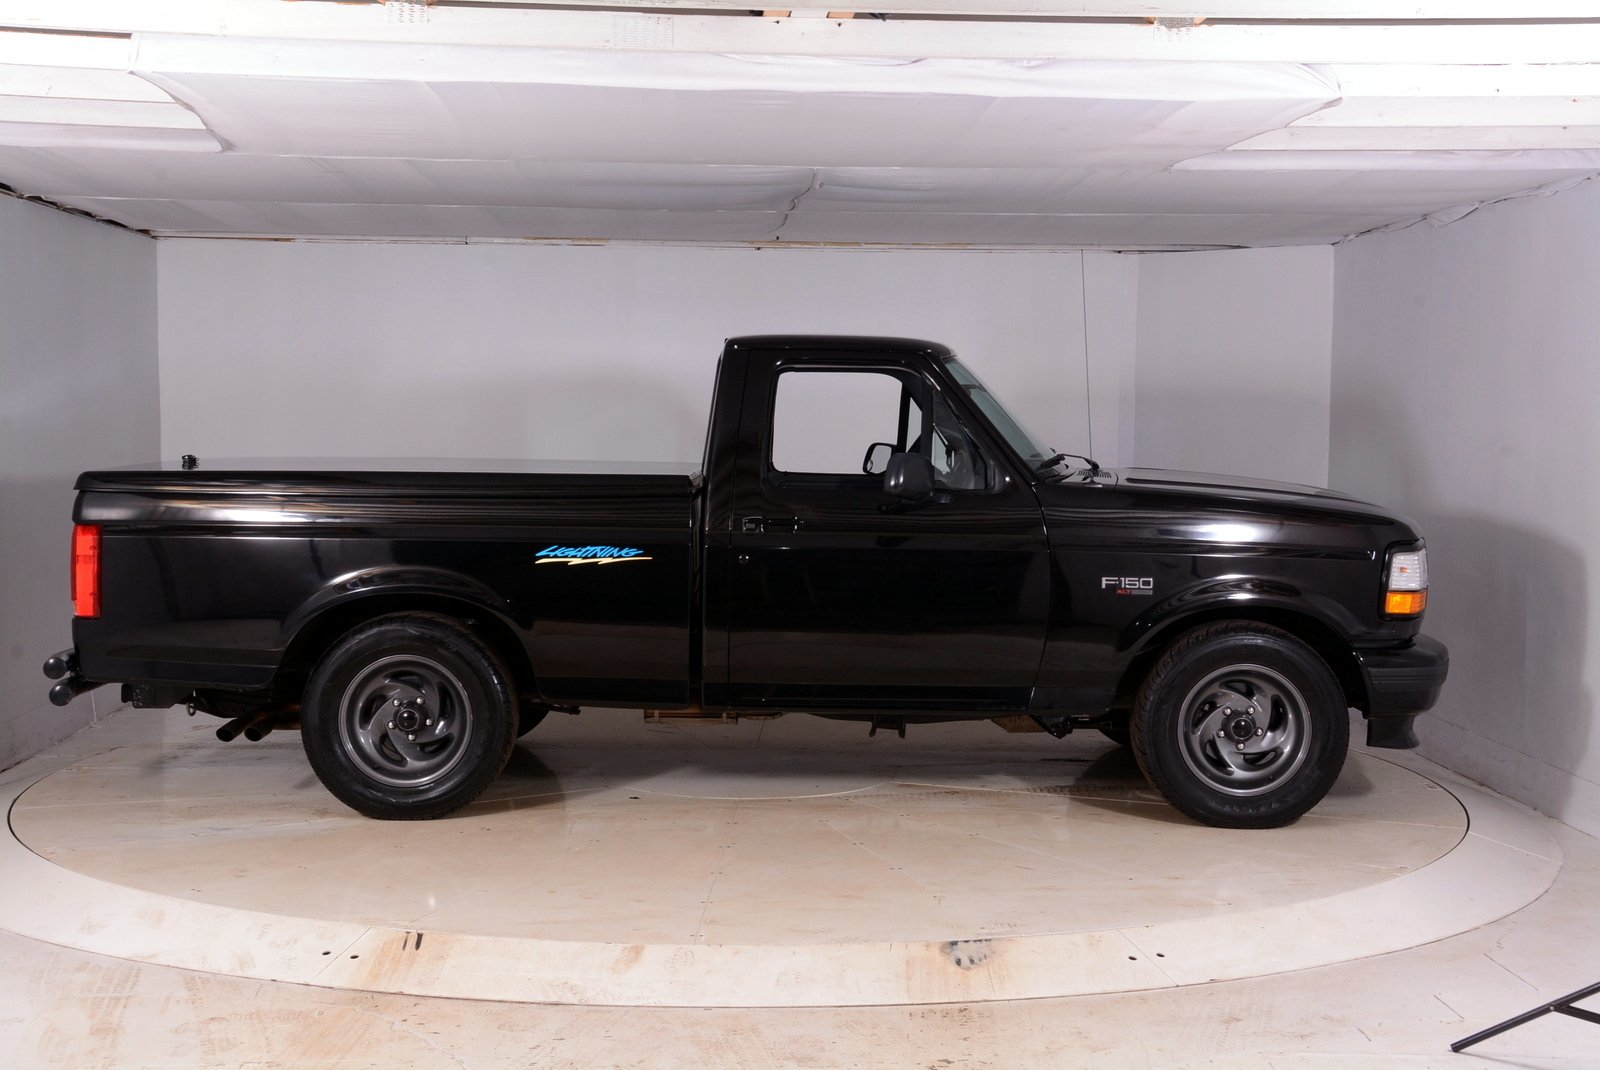 1995 Ford F150 | Volo Auto Museum